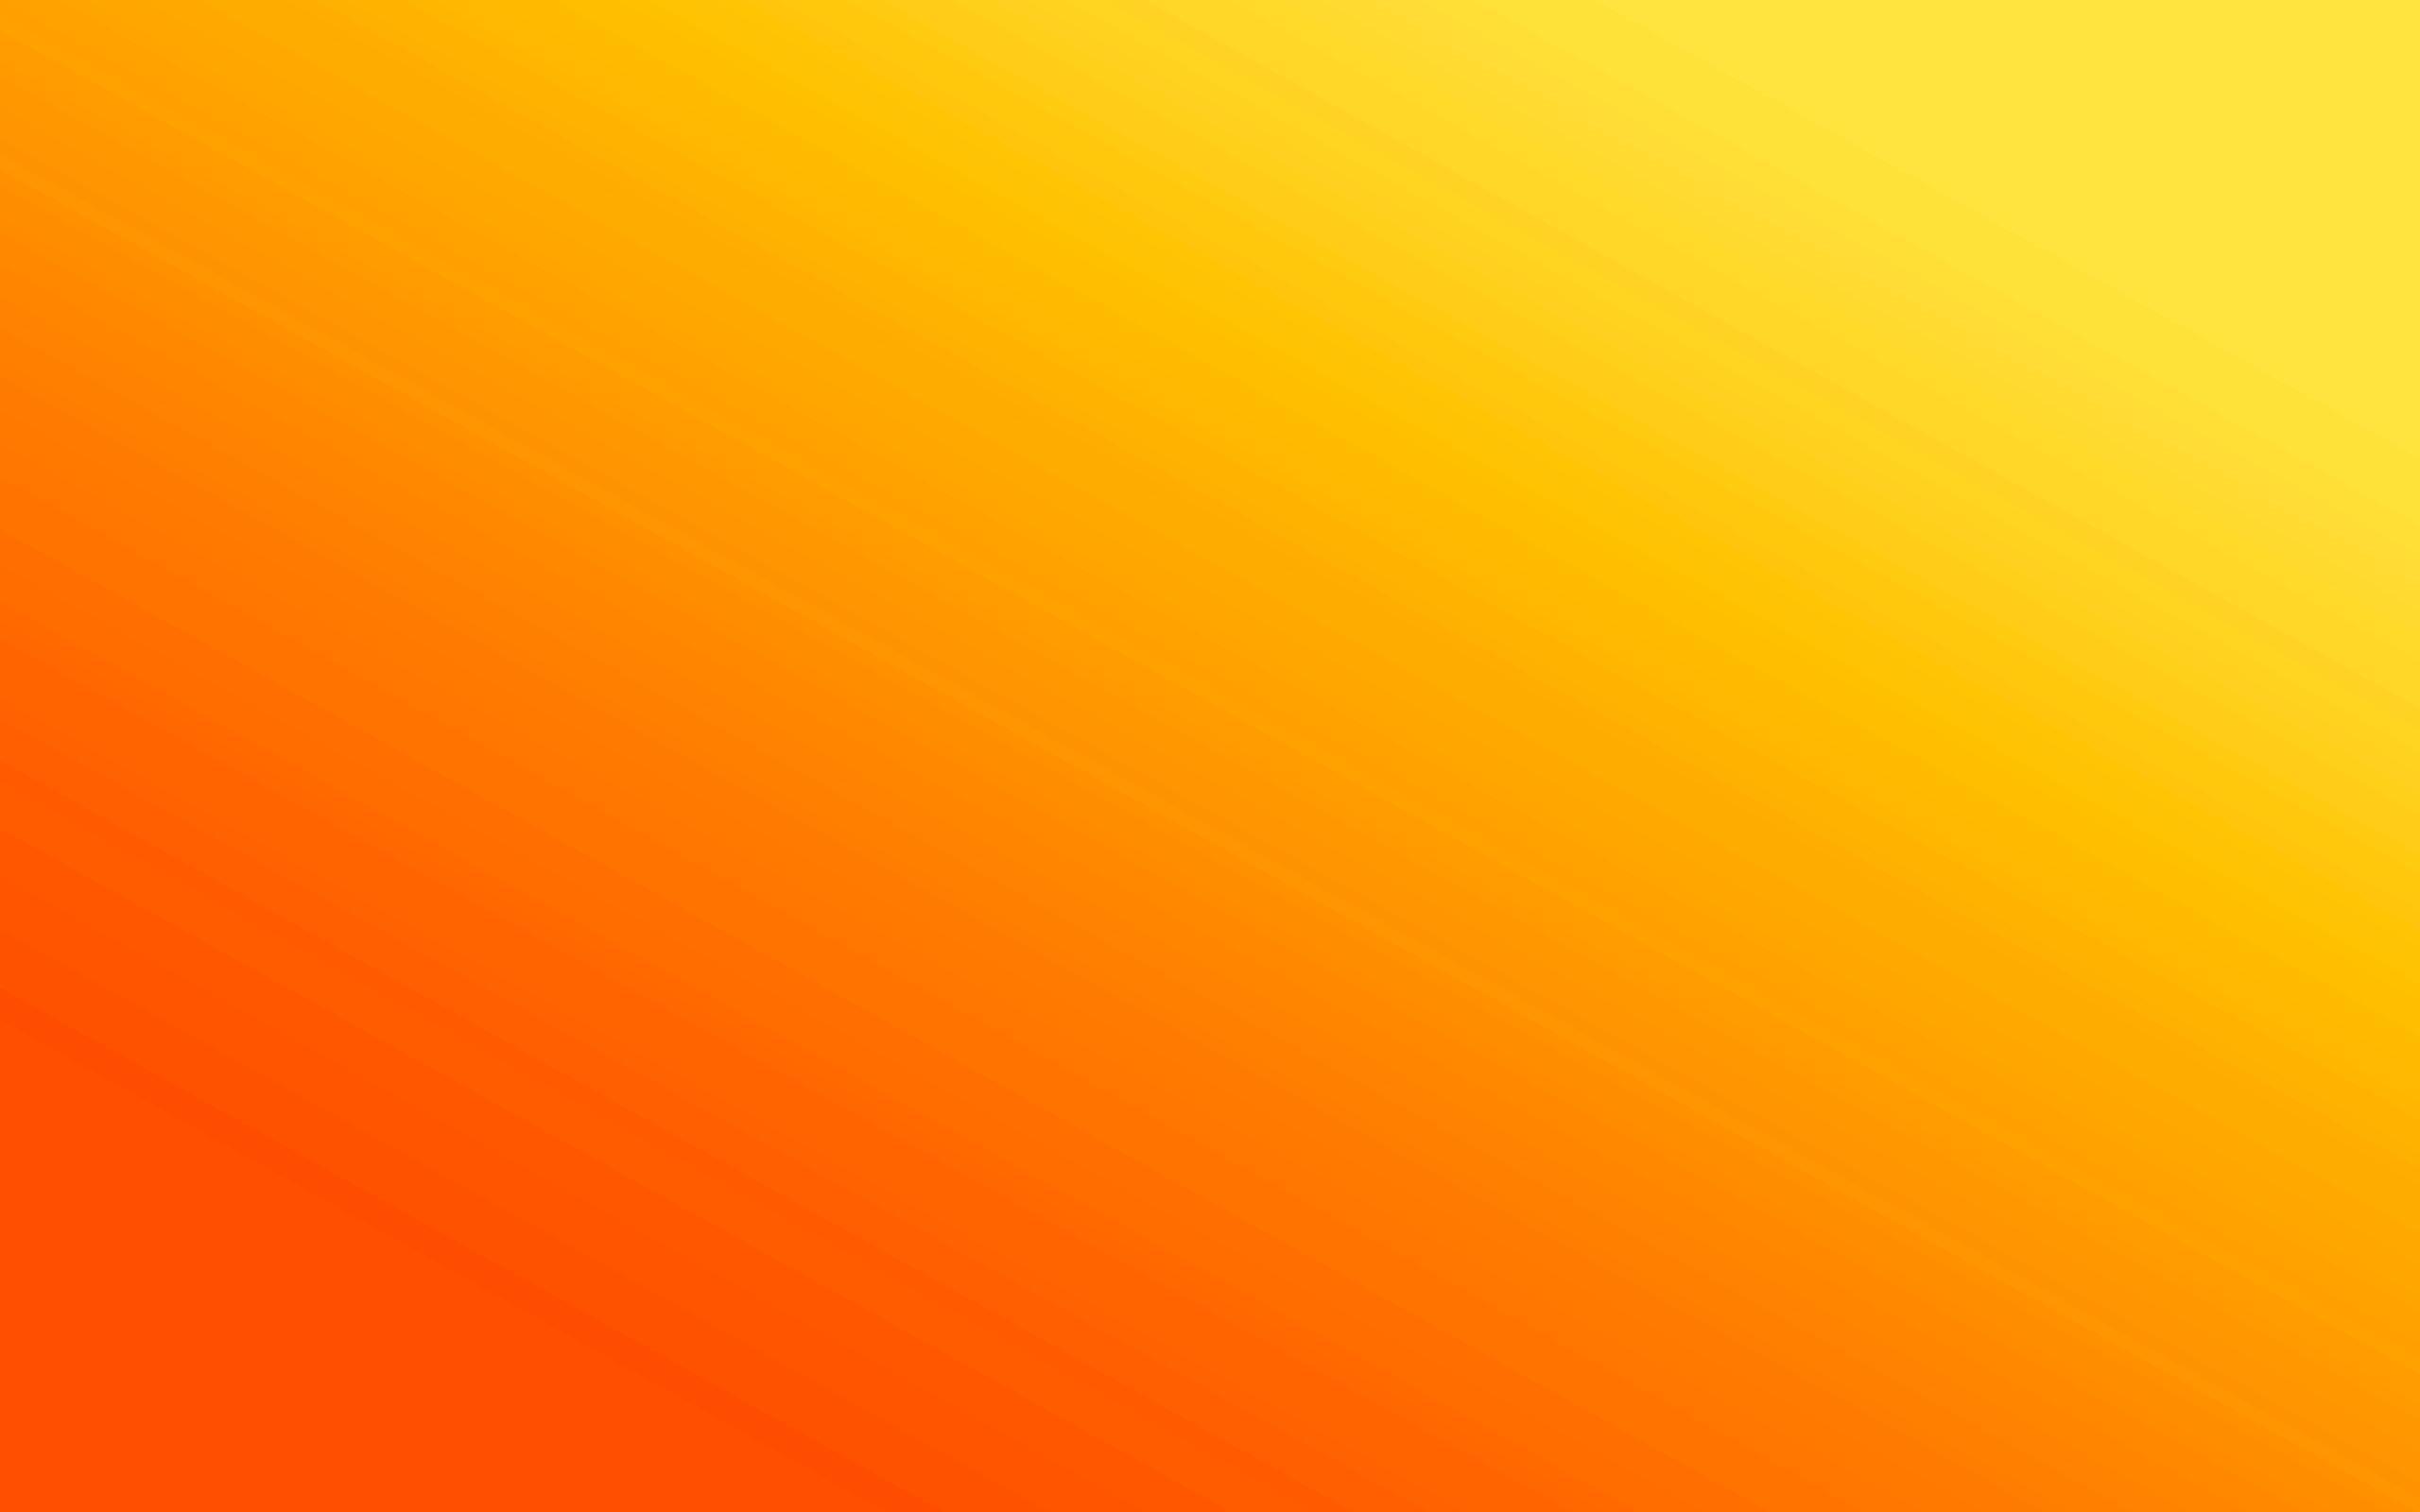 Excellent Orange Wallpaper   City Lights Cinemas 2560x1600